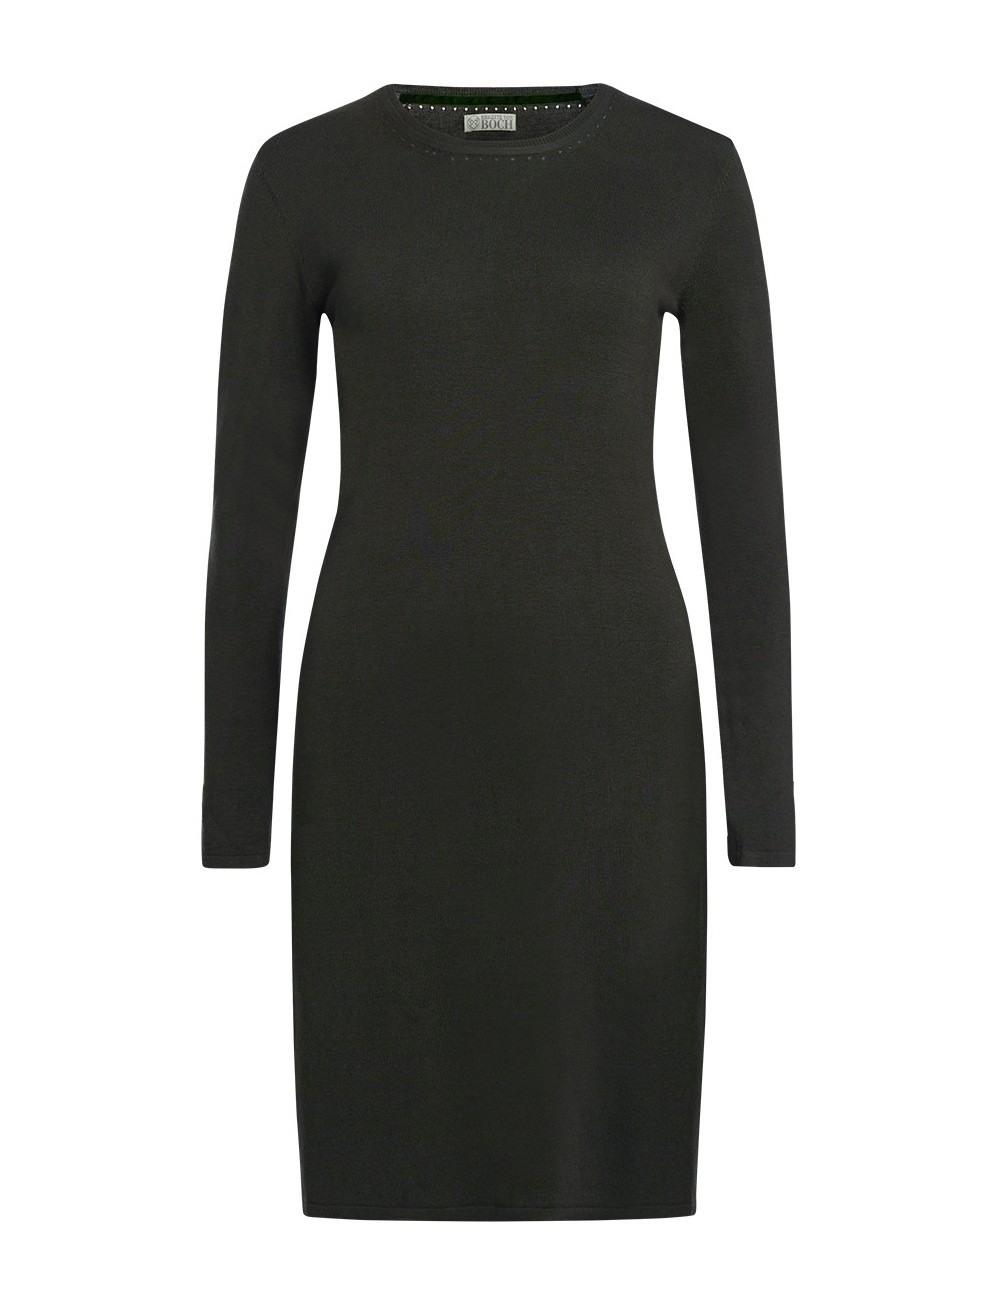 20 Coolste Kleid Olivgrün SpezialgebietDesigner Schön Kleid Olivgrün Stylish